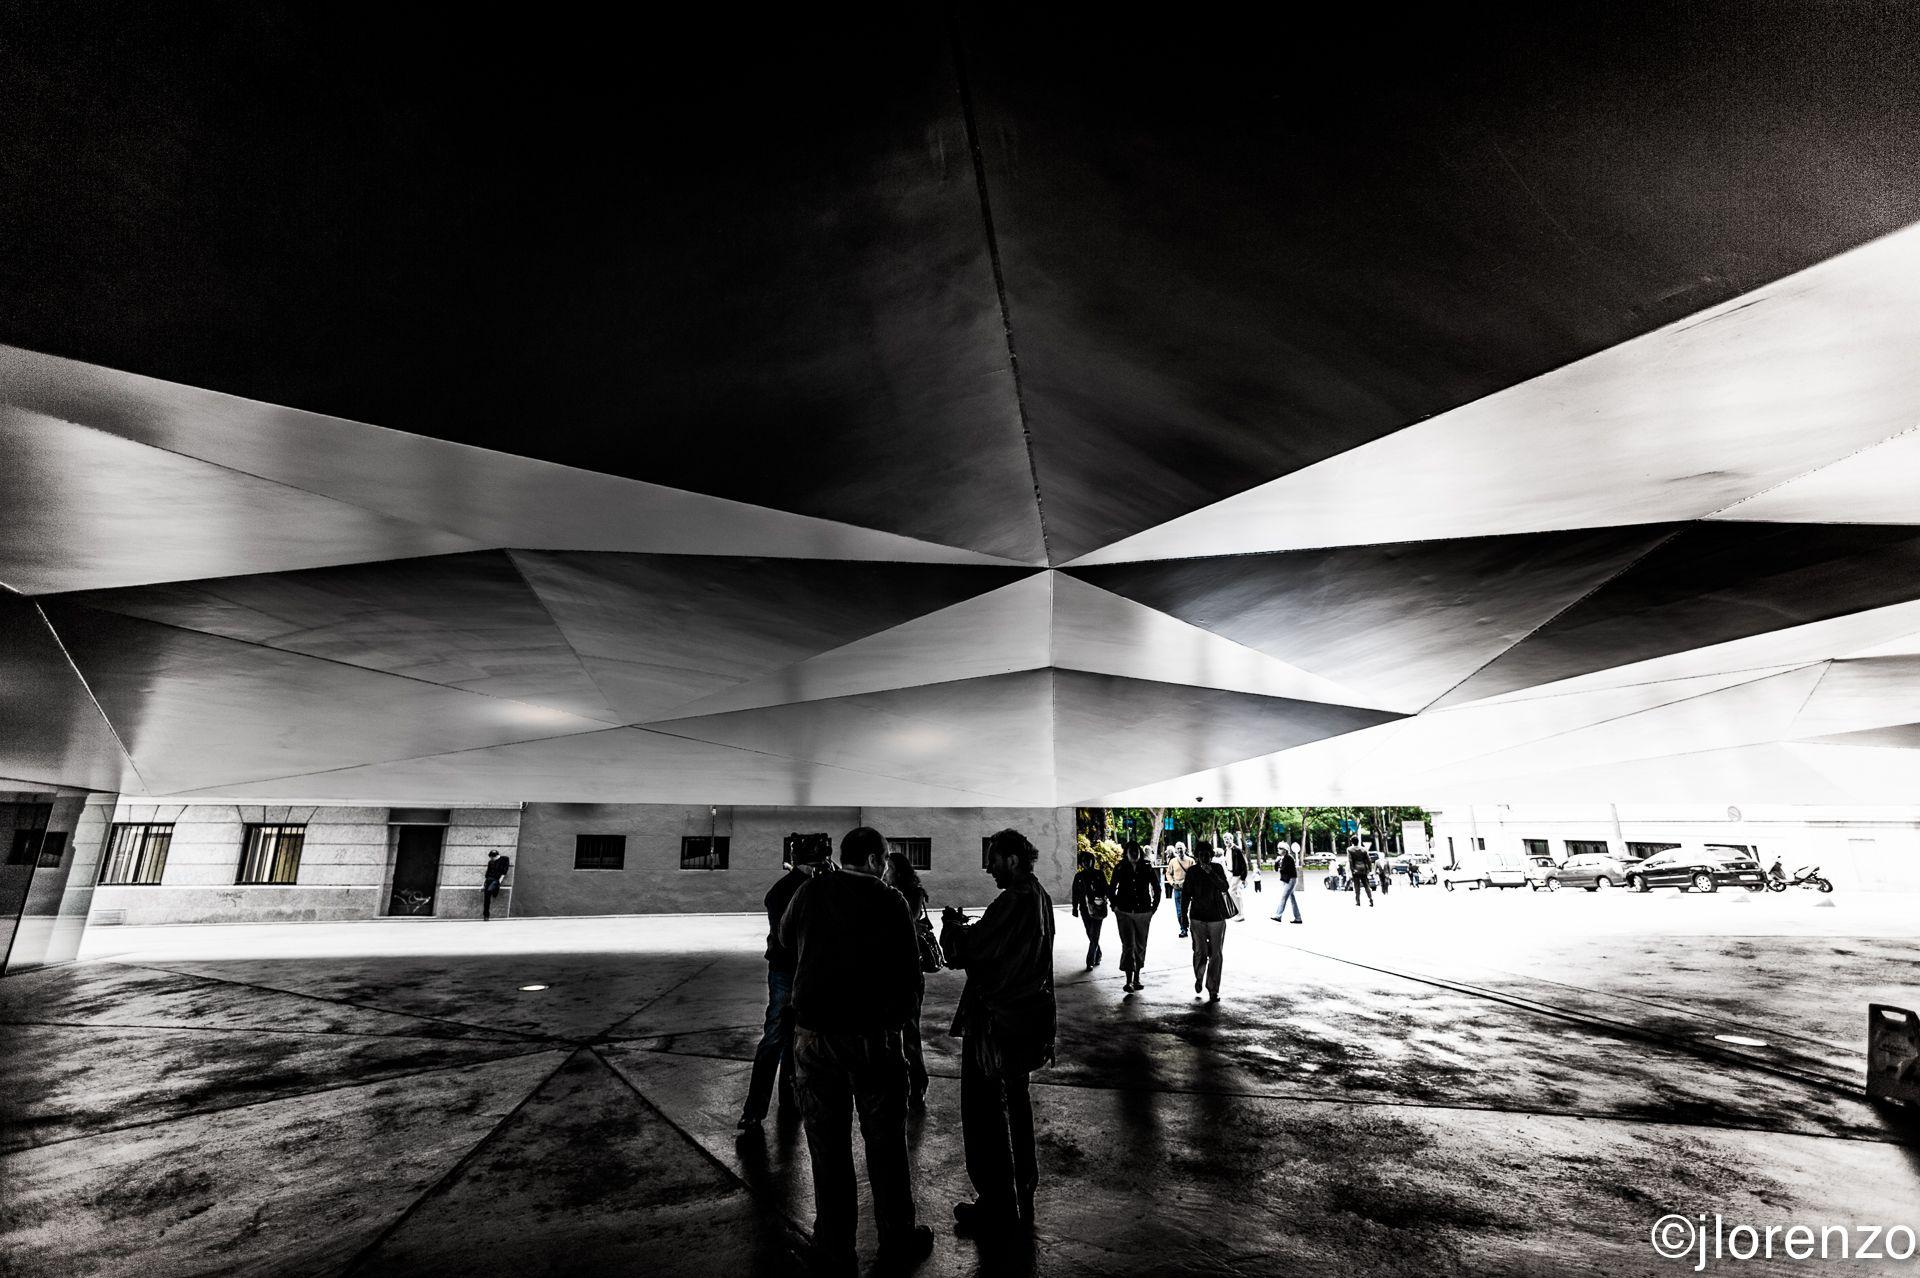 Bajo el Caixa Forum. Madrid